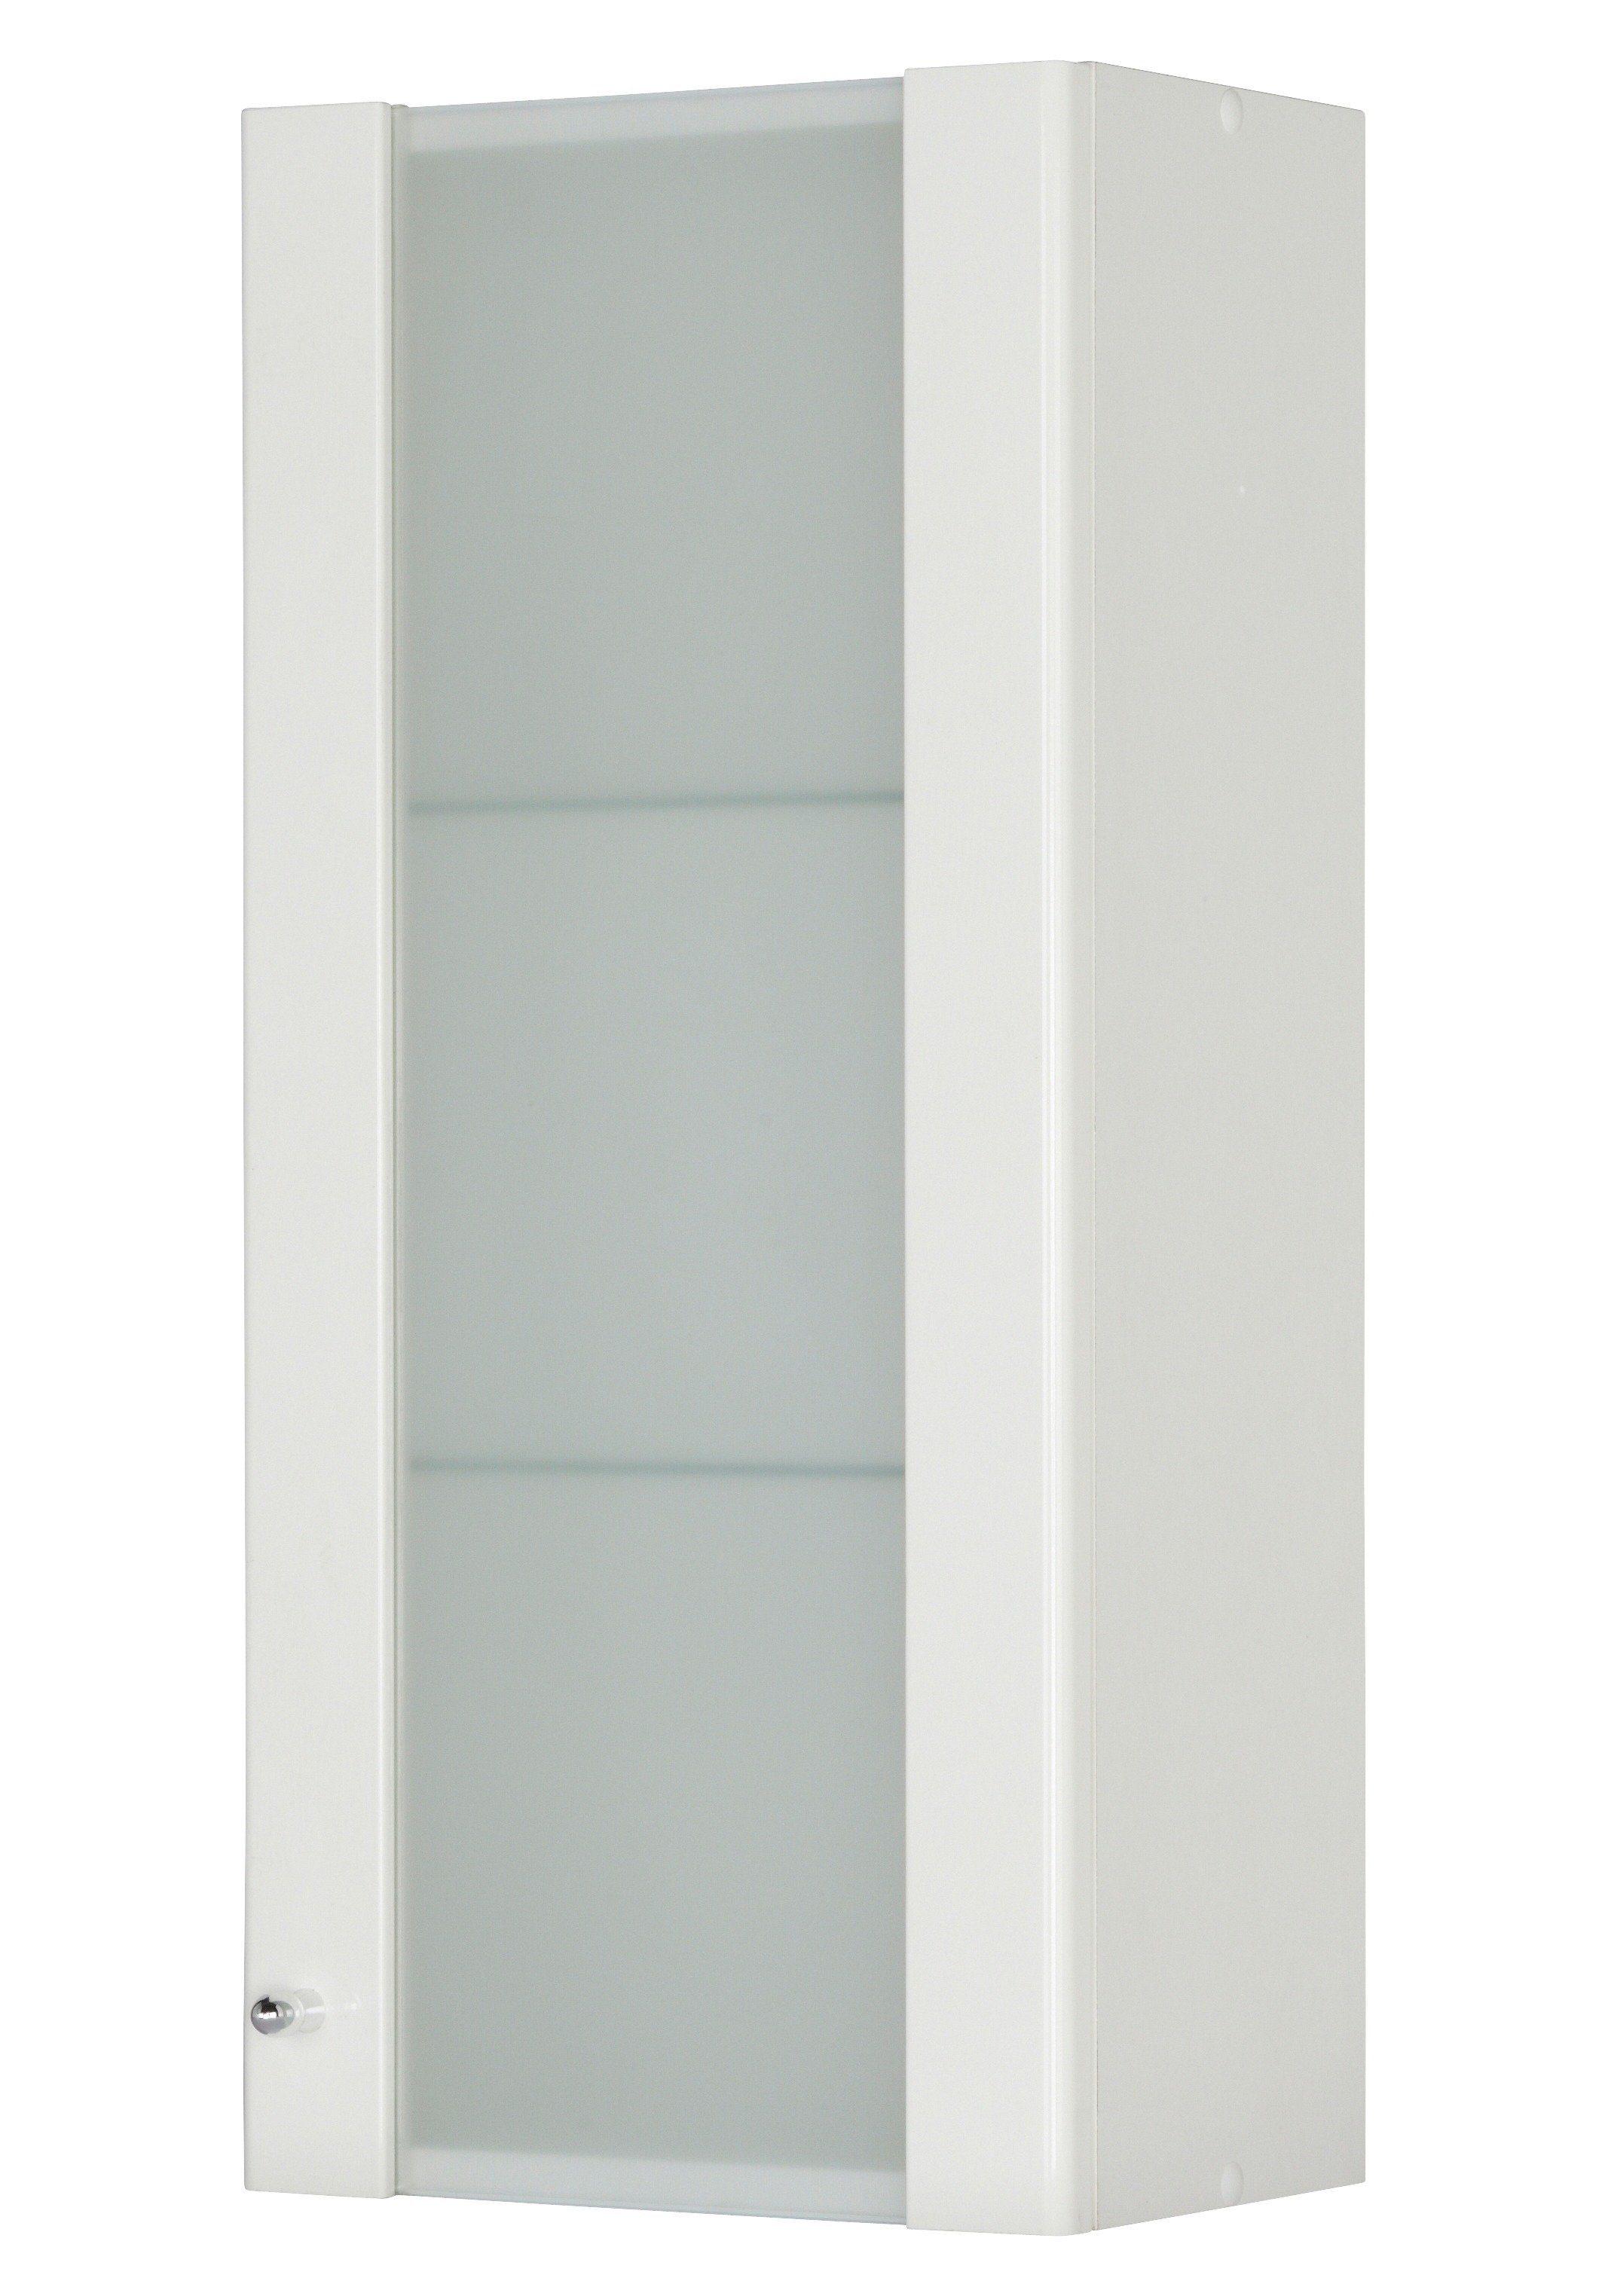 KESPER Hängeschrank »Ravenna«, Breite 32,5 cm